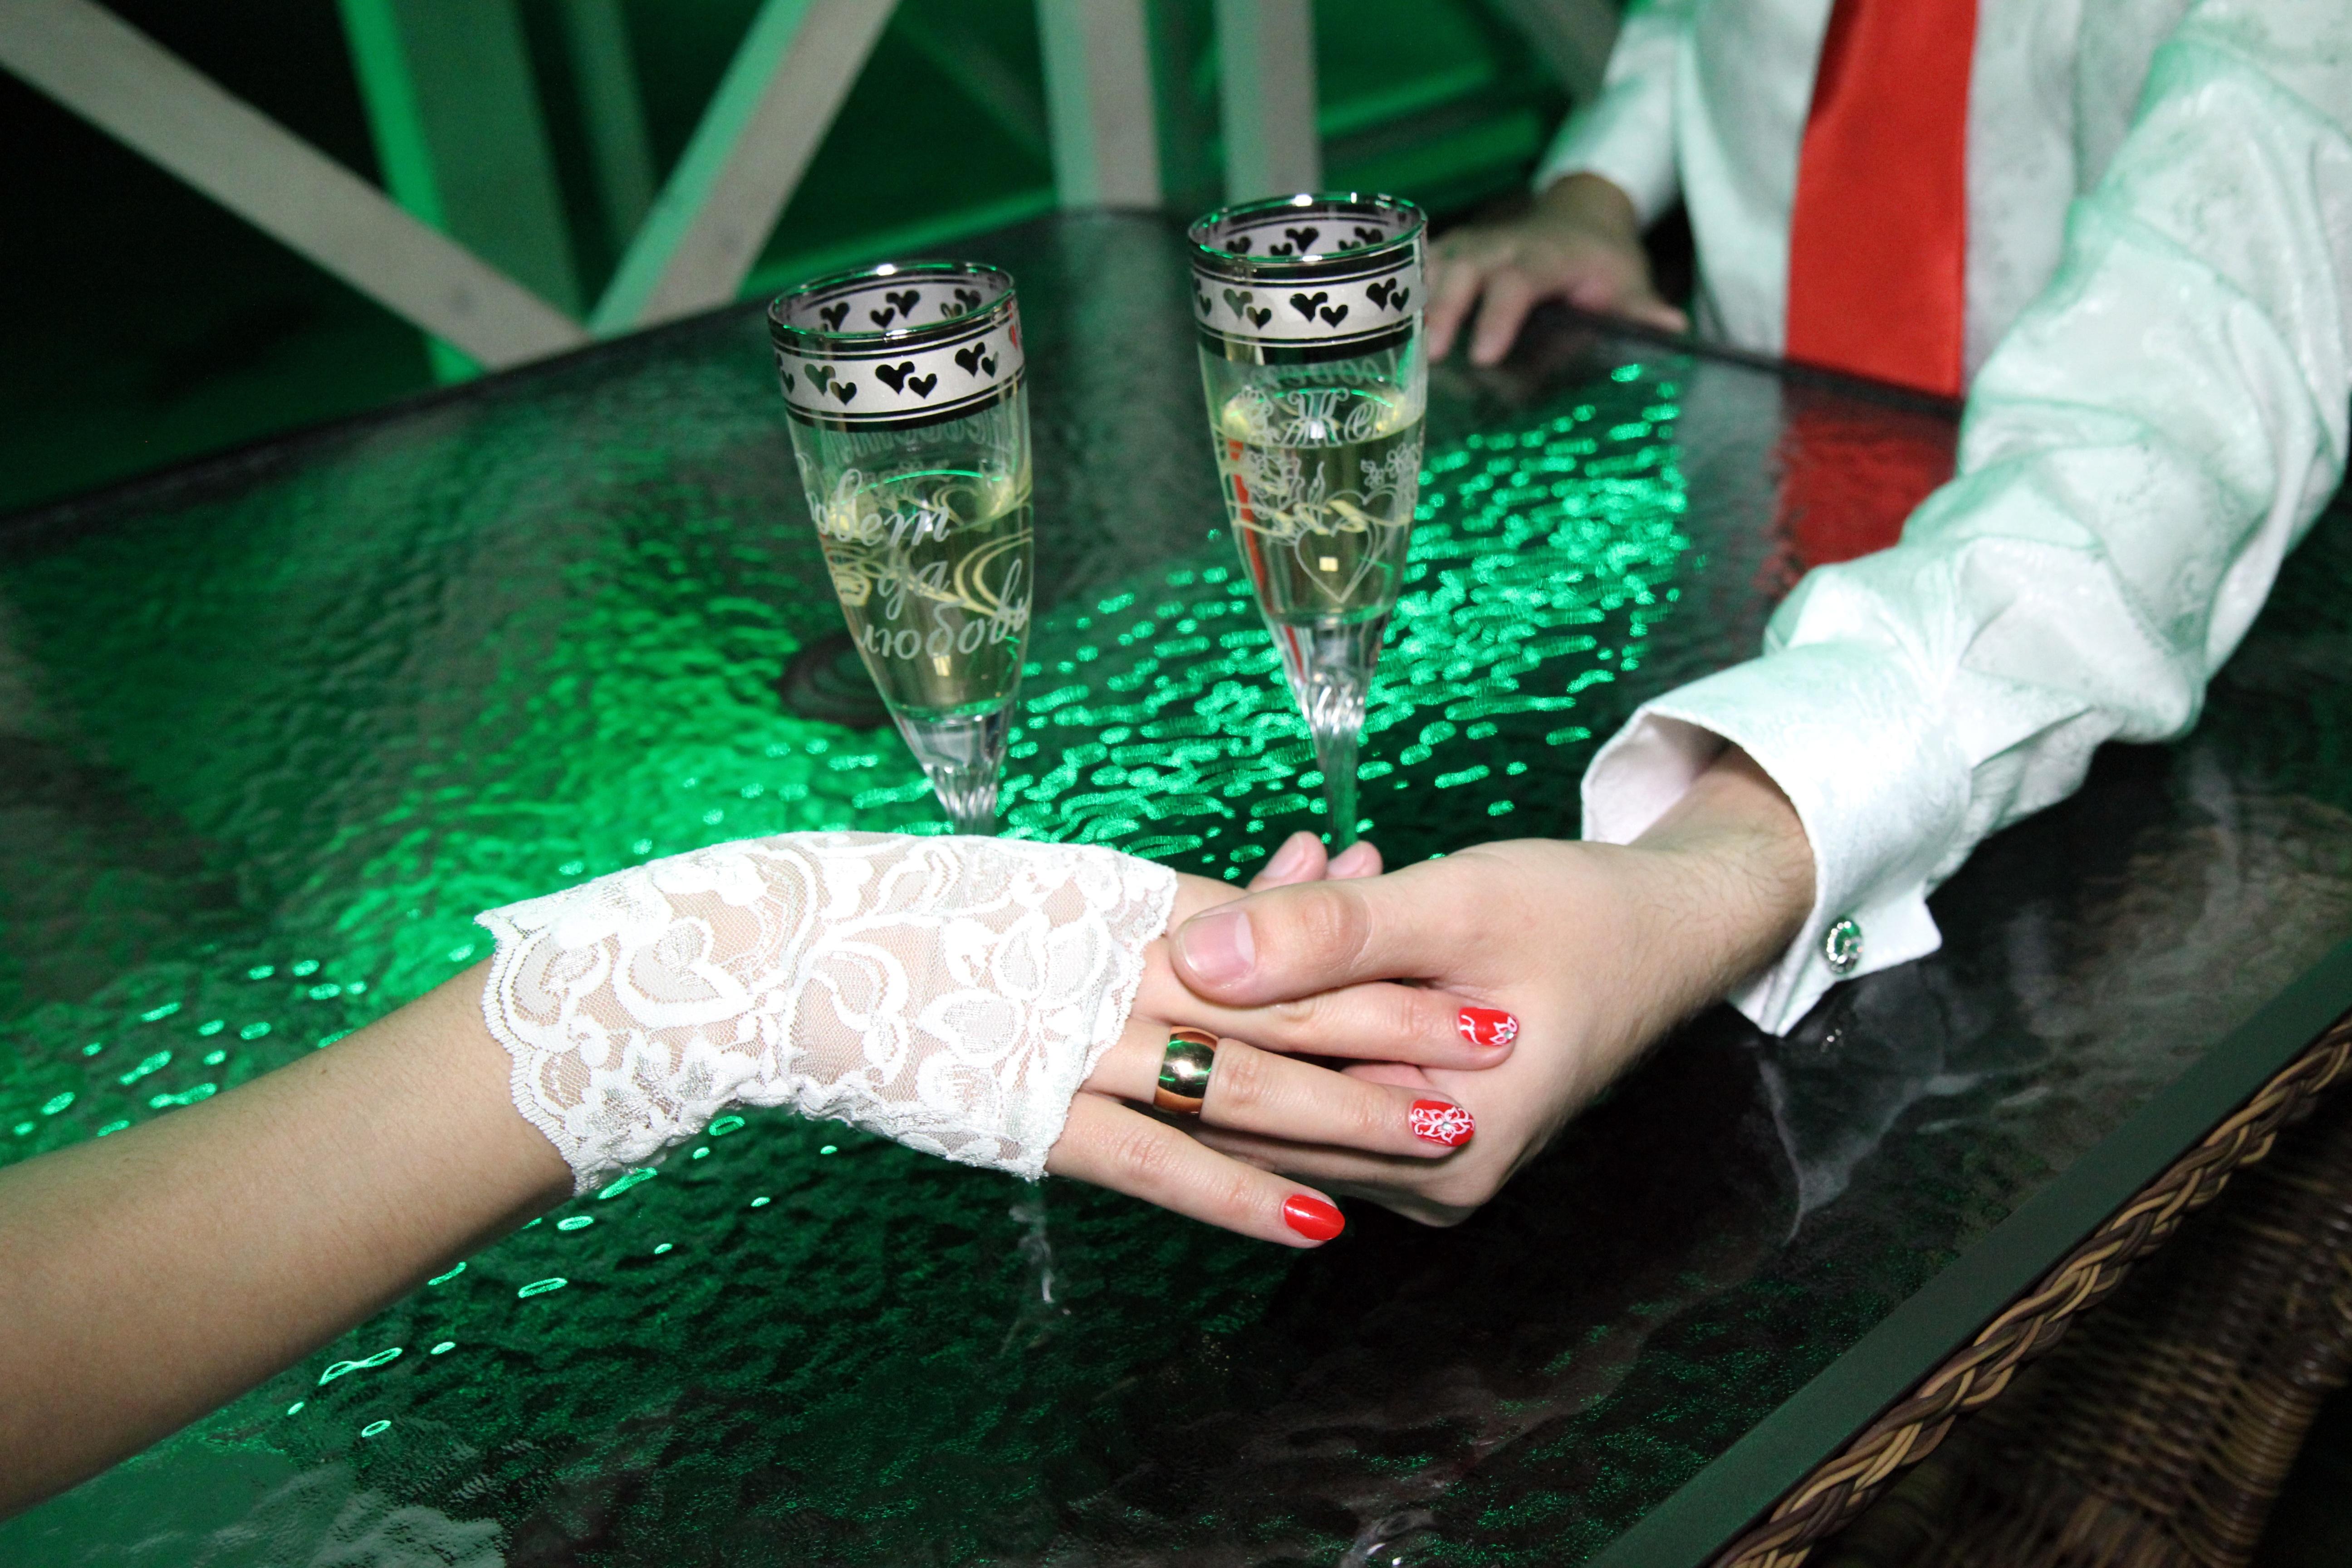 Fotos gratis : mano, naturaleza, anillo, verano, amor, dedo, verde ...